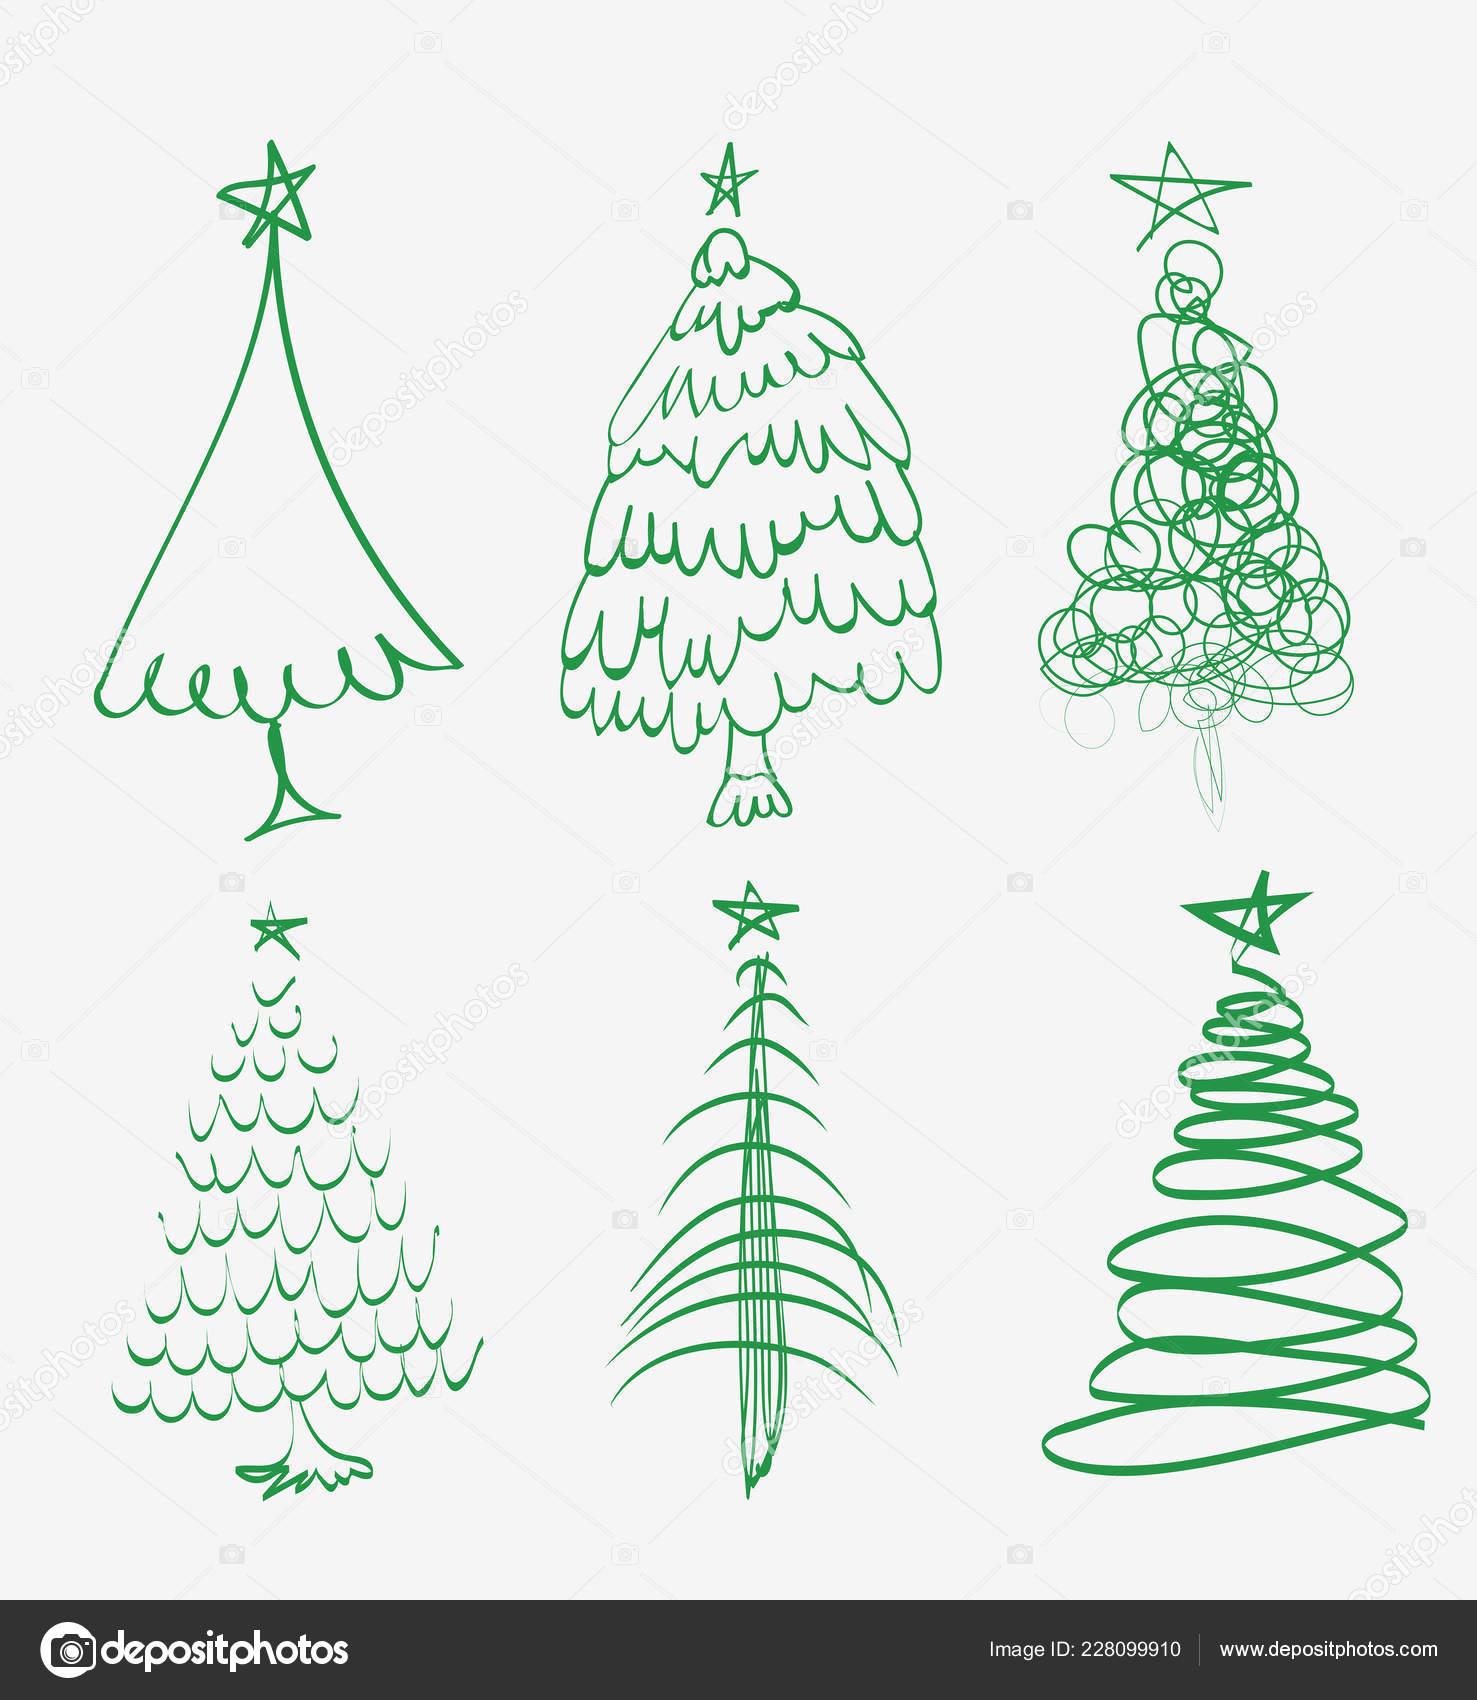 Weihnachtsbaum Gezeichnet.Hand Gezeichnet Weihnachtsbaum Satz Von Skizzierten Abbildungen Von